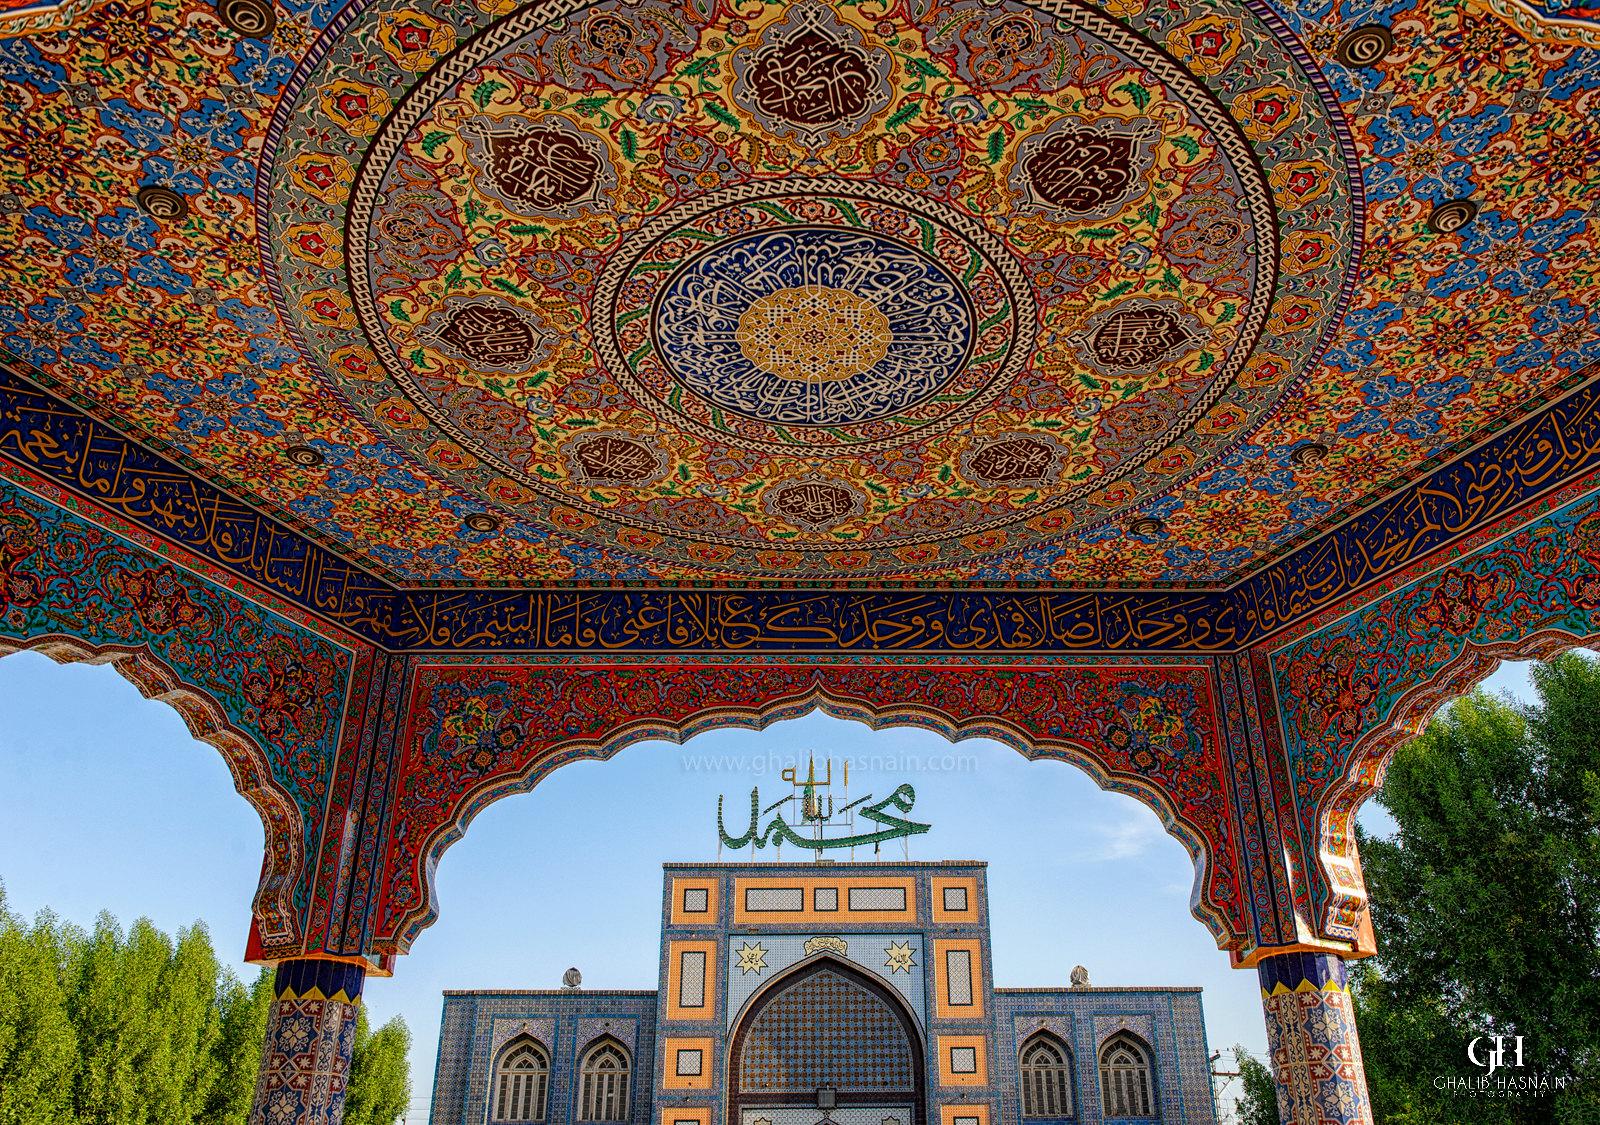 Bhong Mosque Sadiqabad, Punjab, Pakistan Source: Reddit